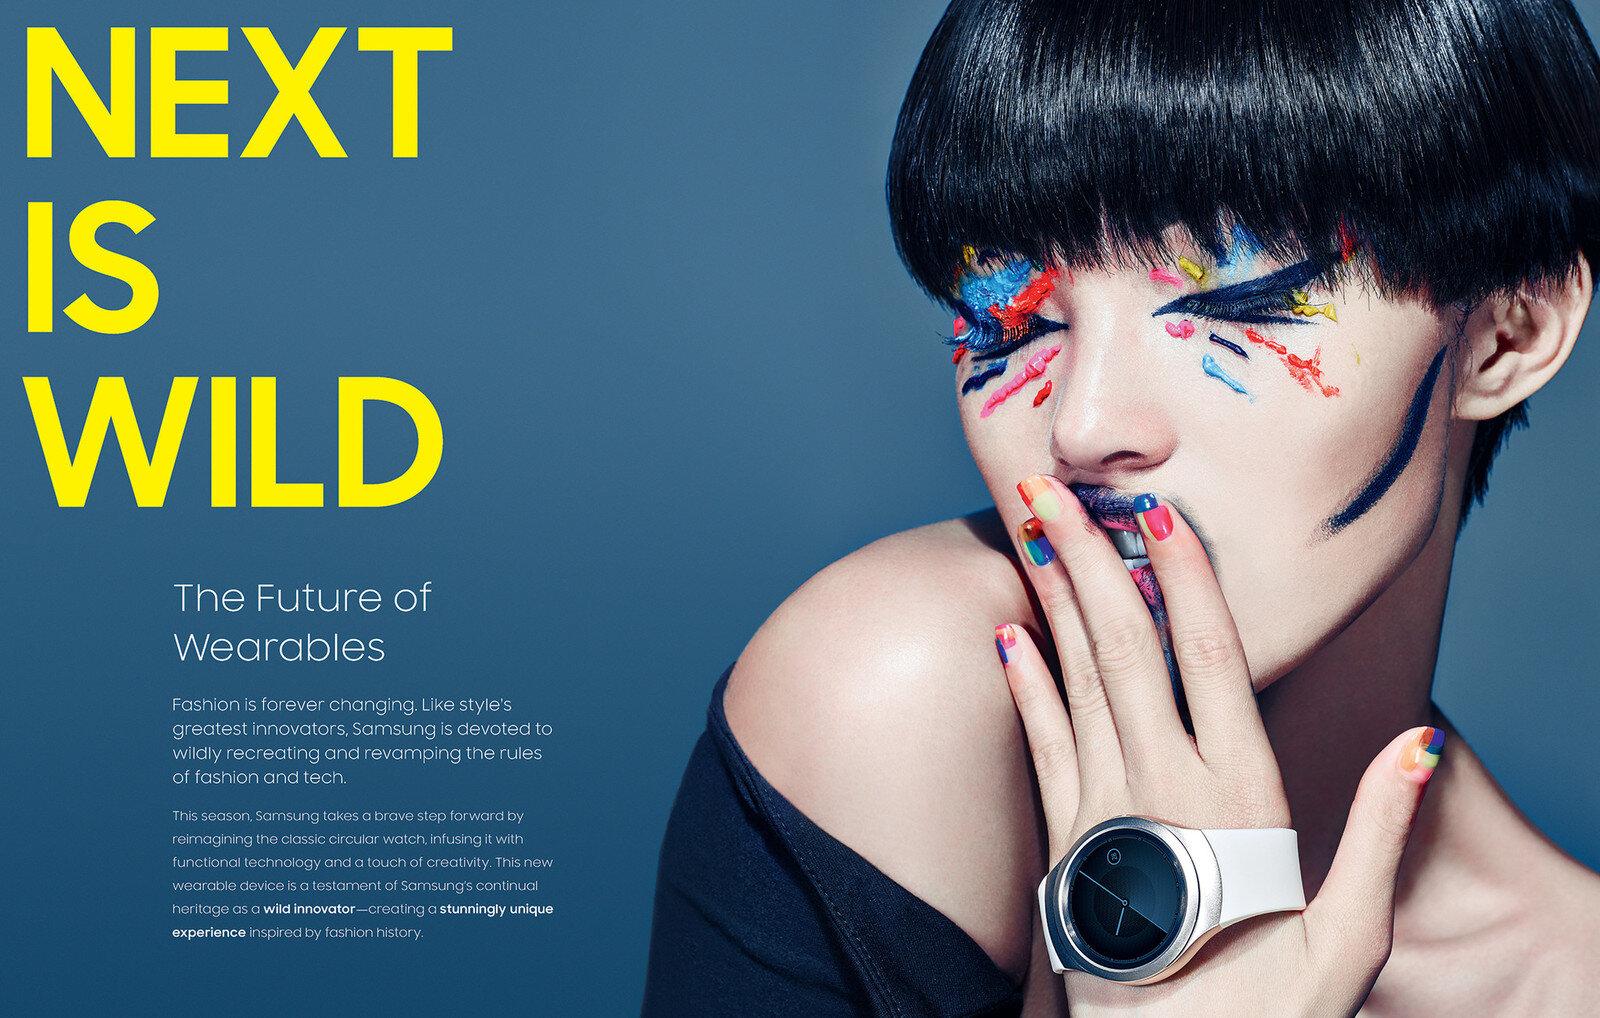 Samsung Watch mang đến nhiều tiện ích thú vị